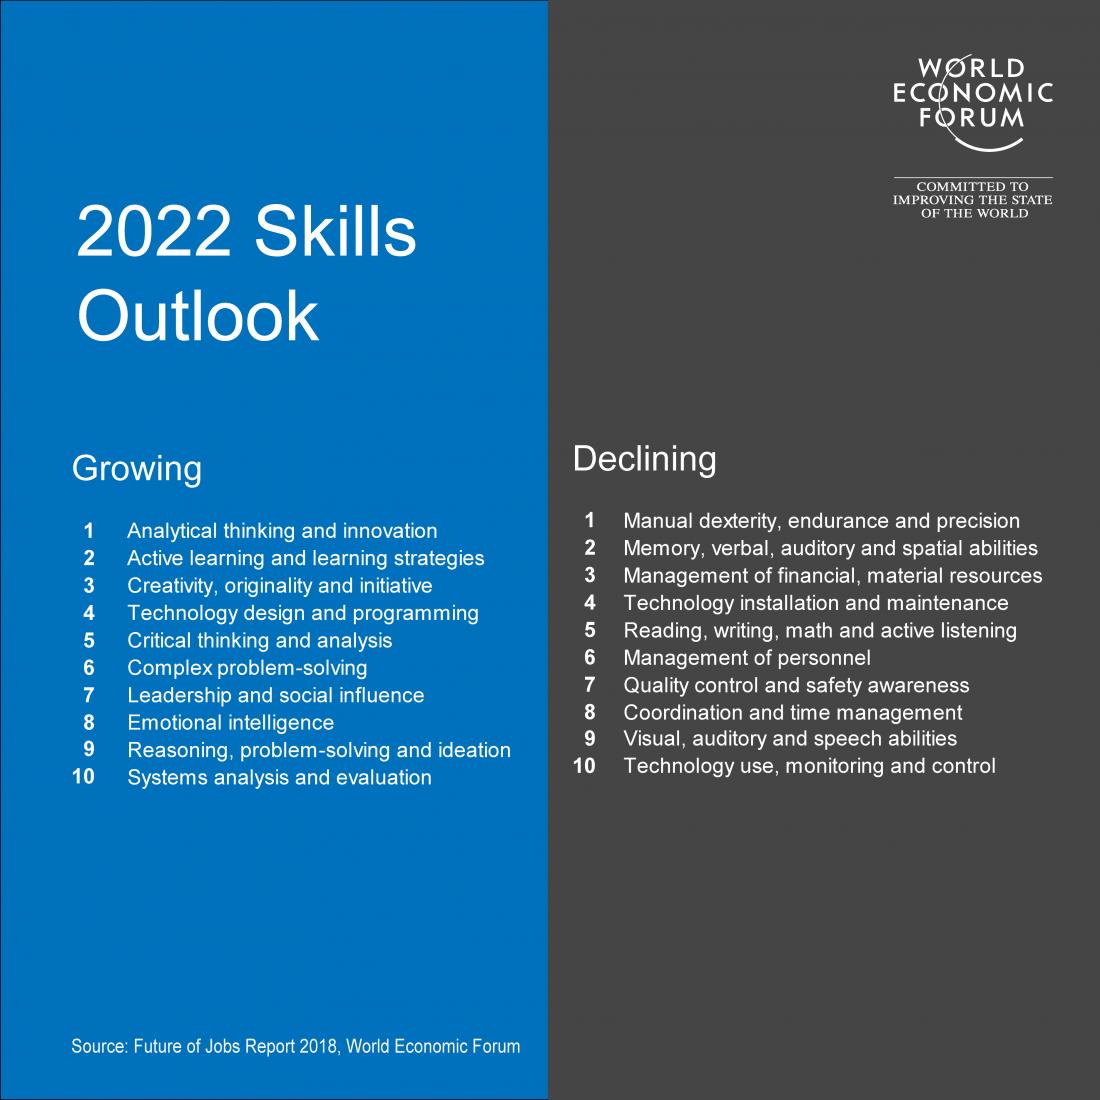 Quelles compétences seront demandées et lesquelles seront en déclin d'ici 2022 ?